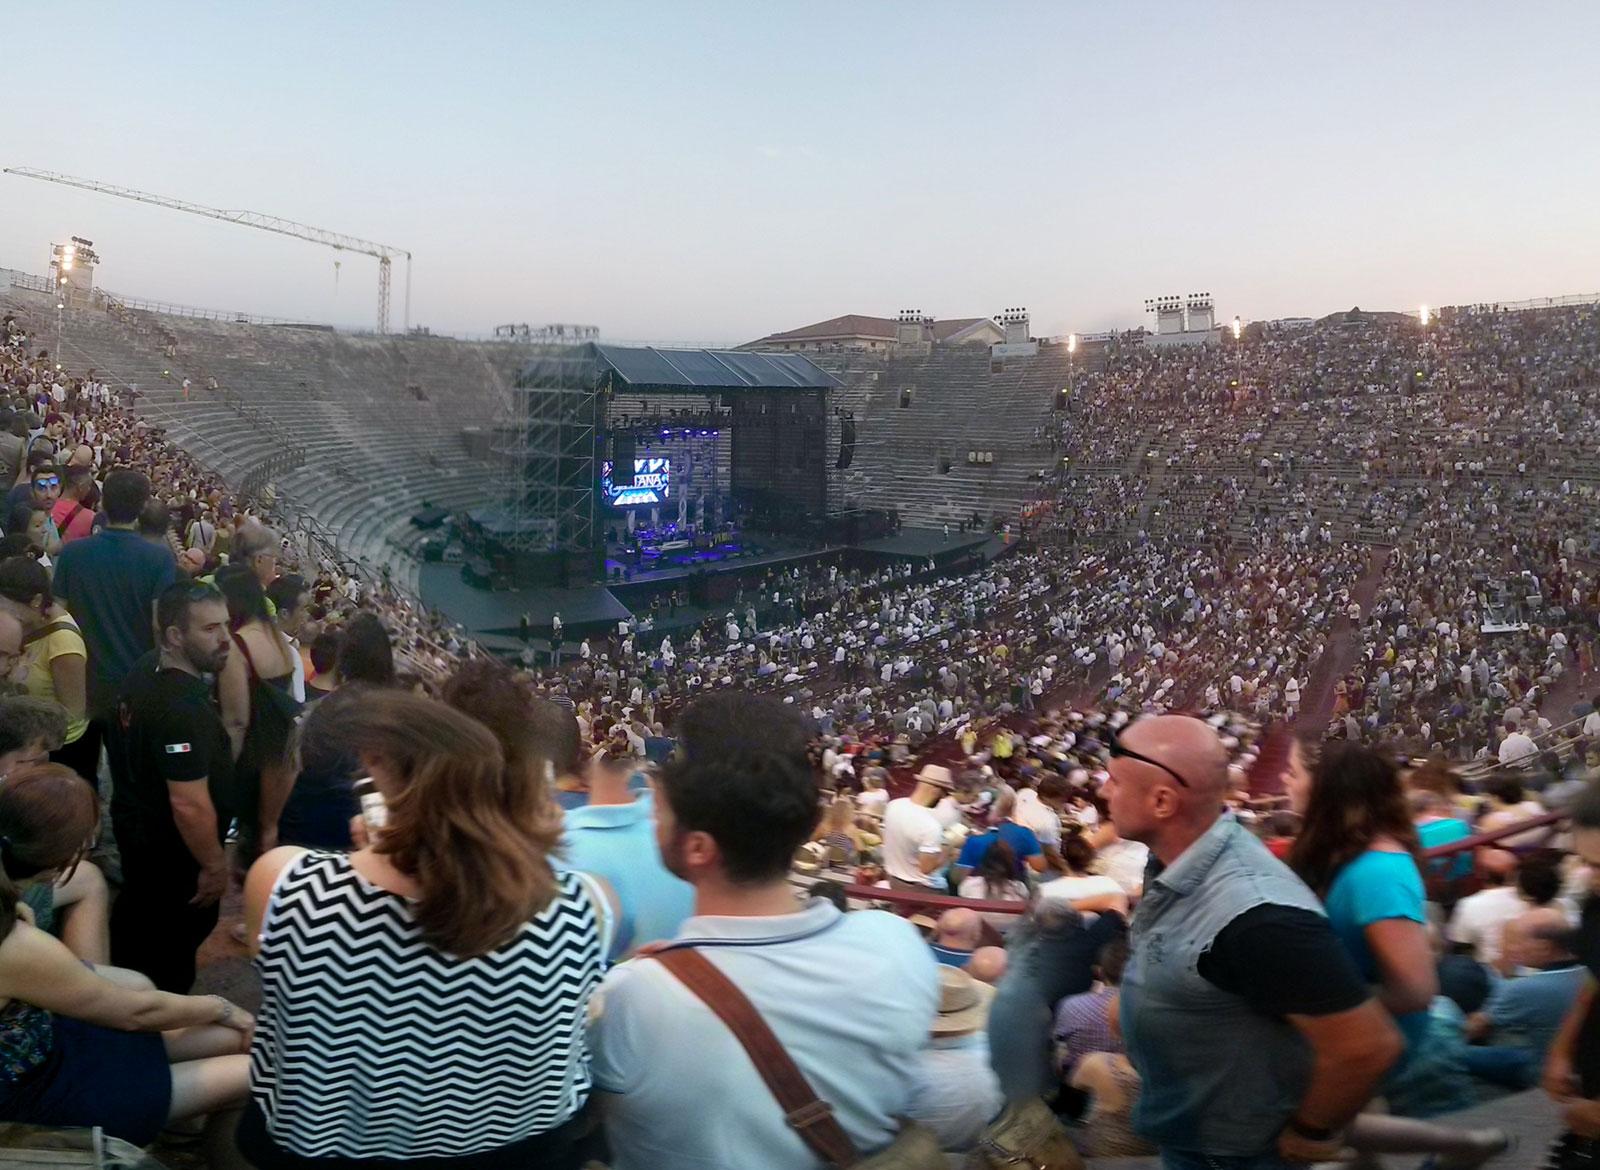 Ca 14.000 tilskuere